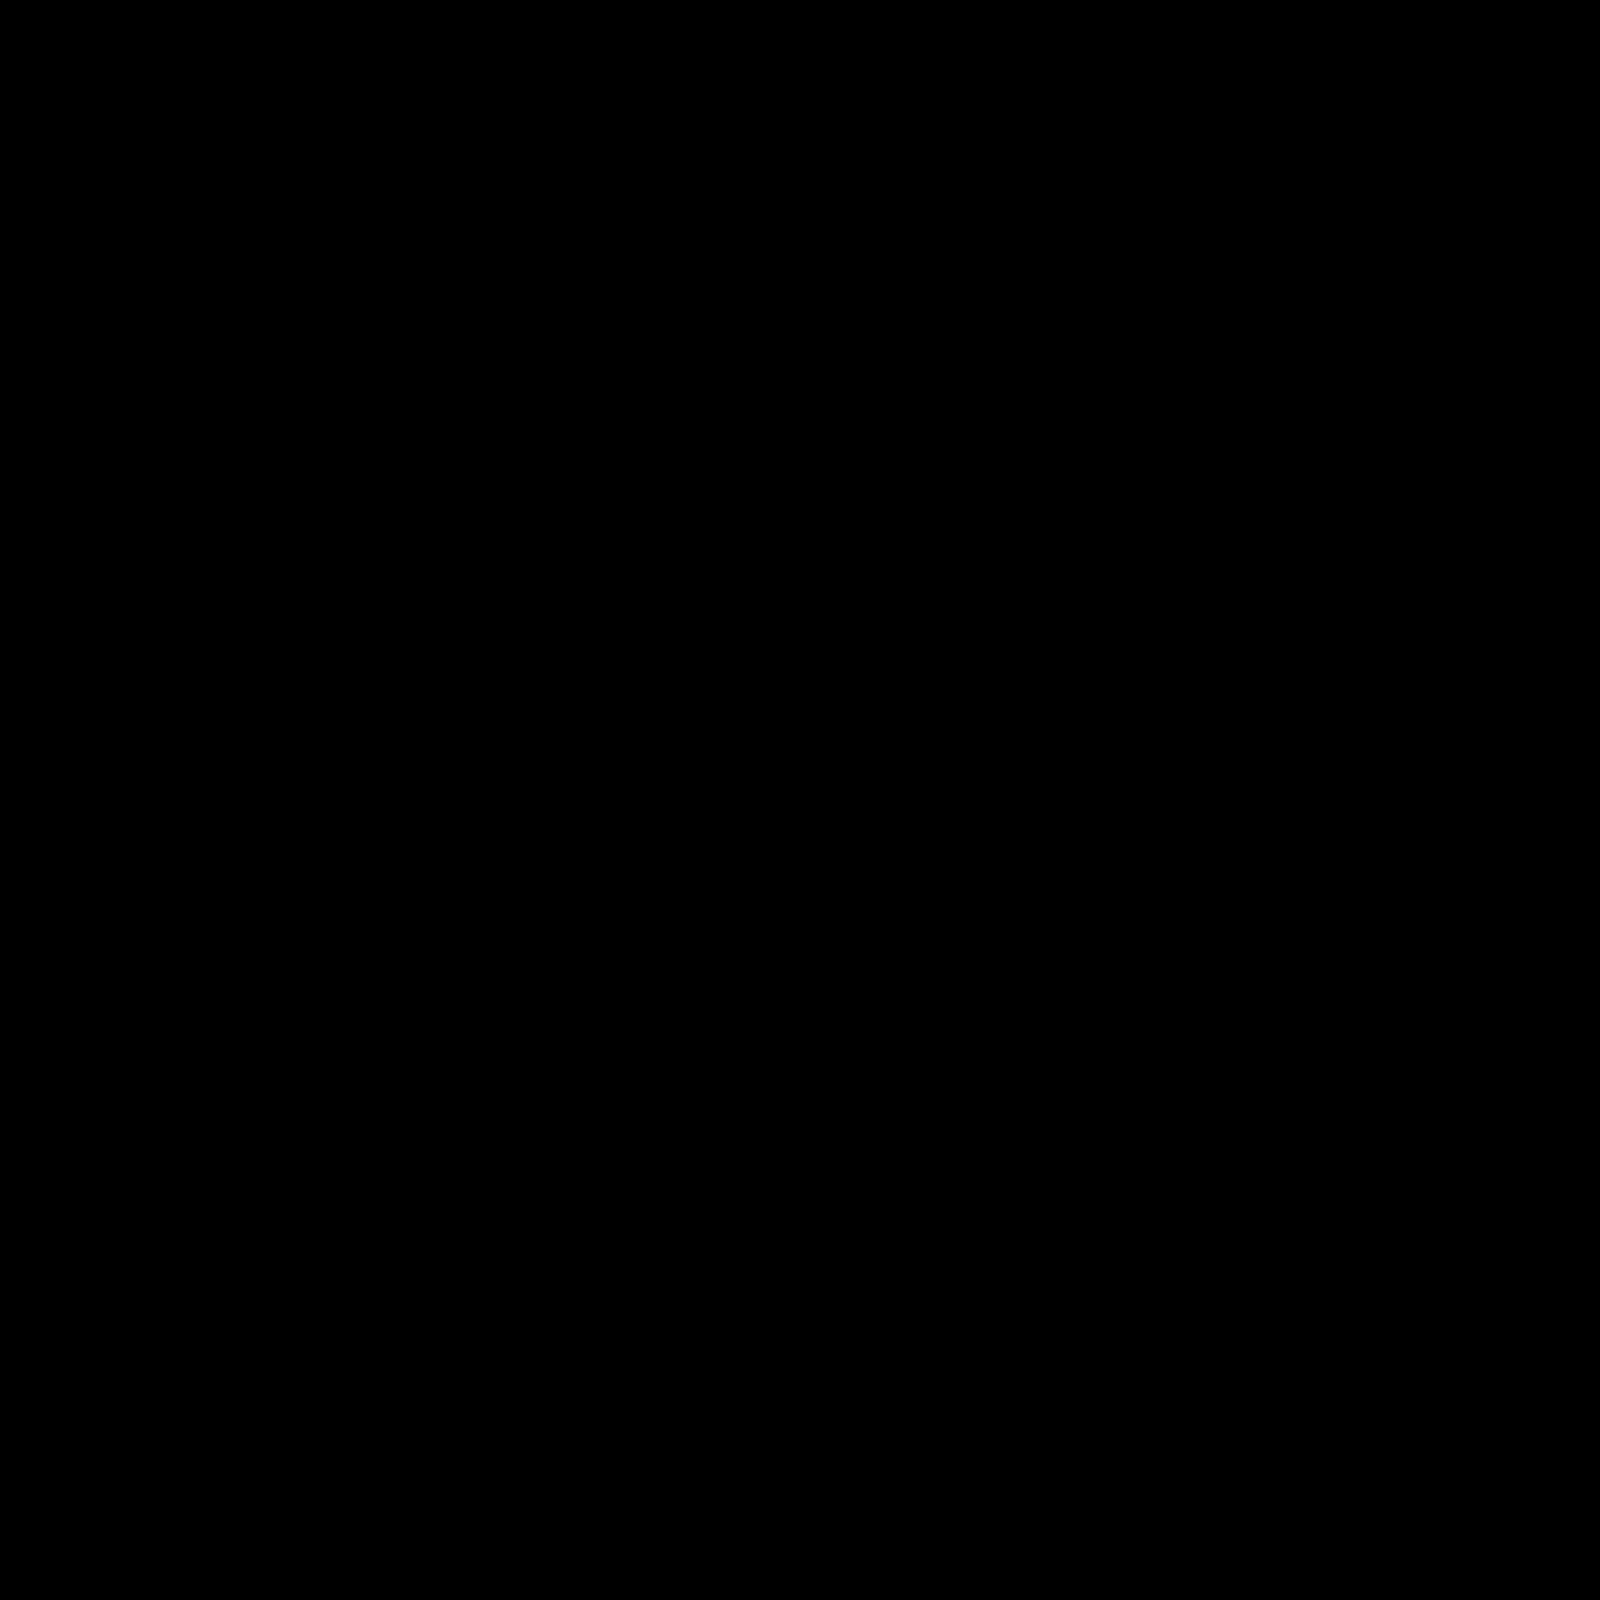 ツイートのスタック icon